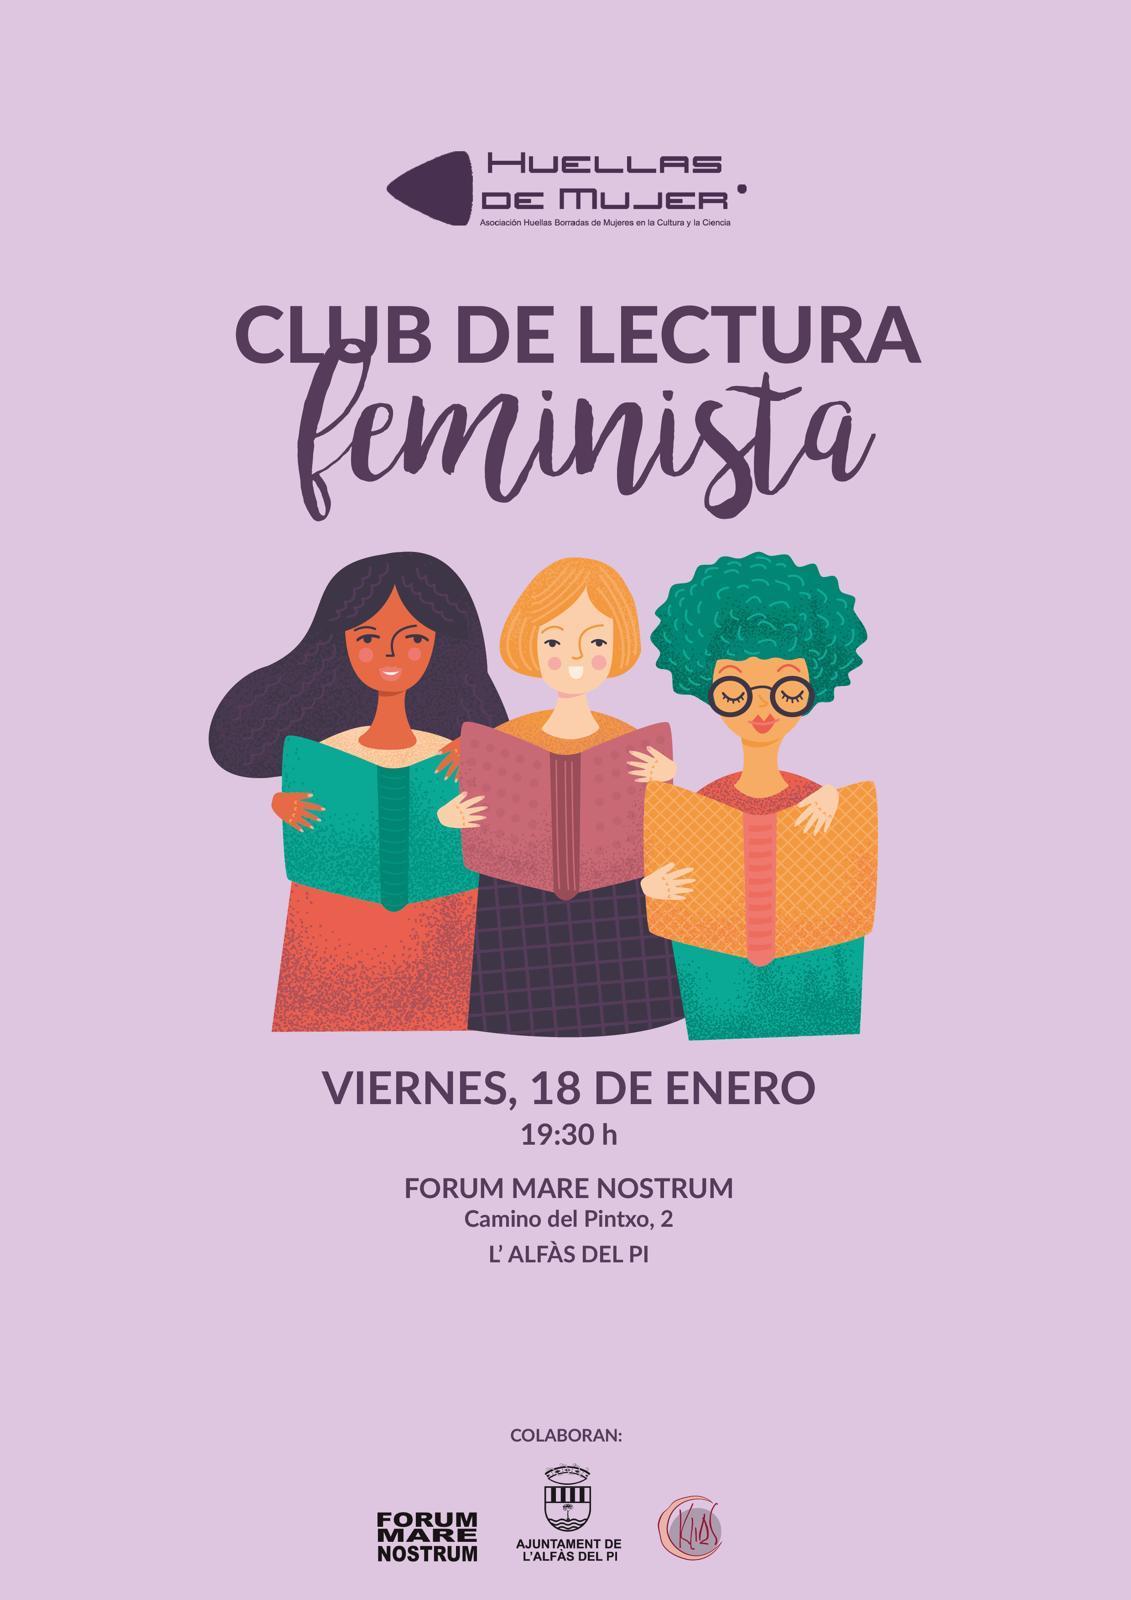 La asociación Huellas Borradas de Mujer organiza un club de lectura feminista